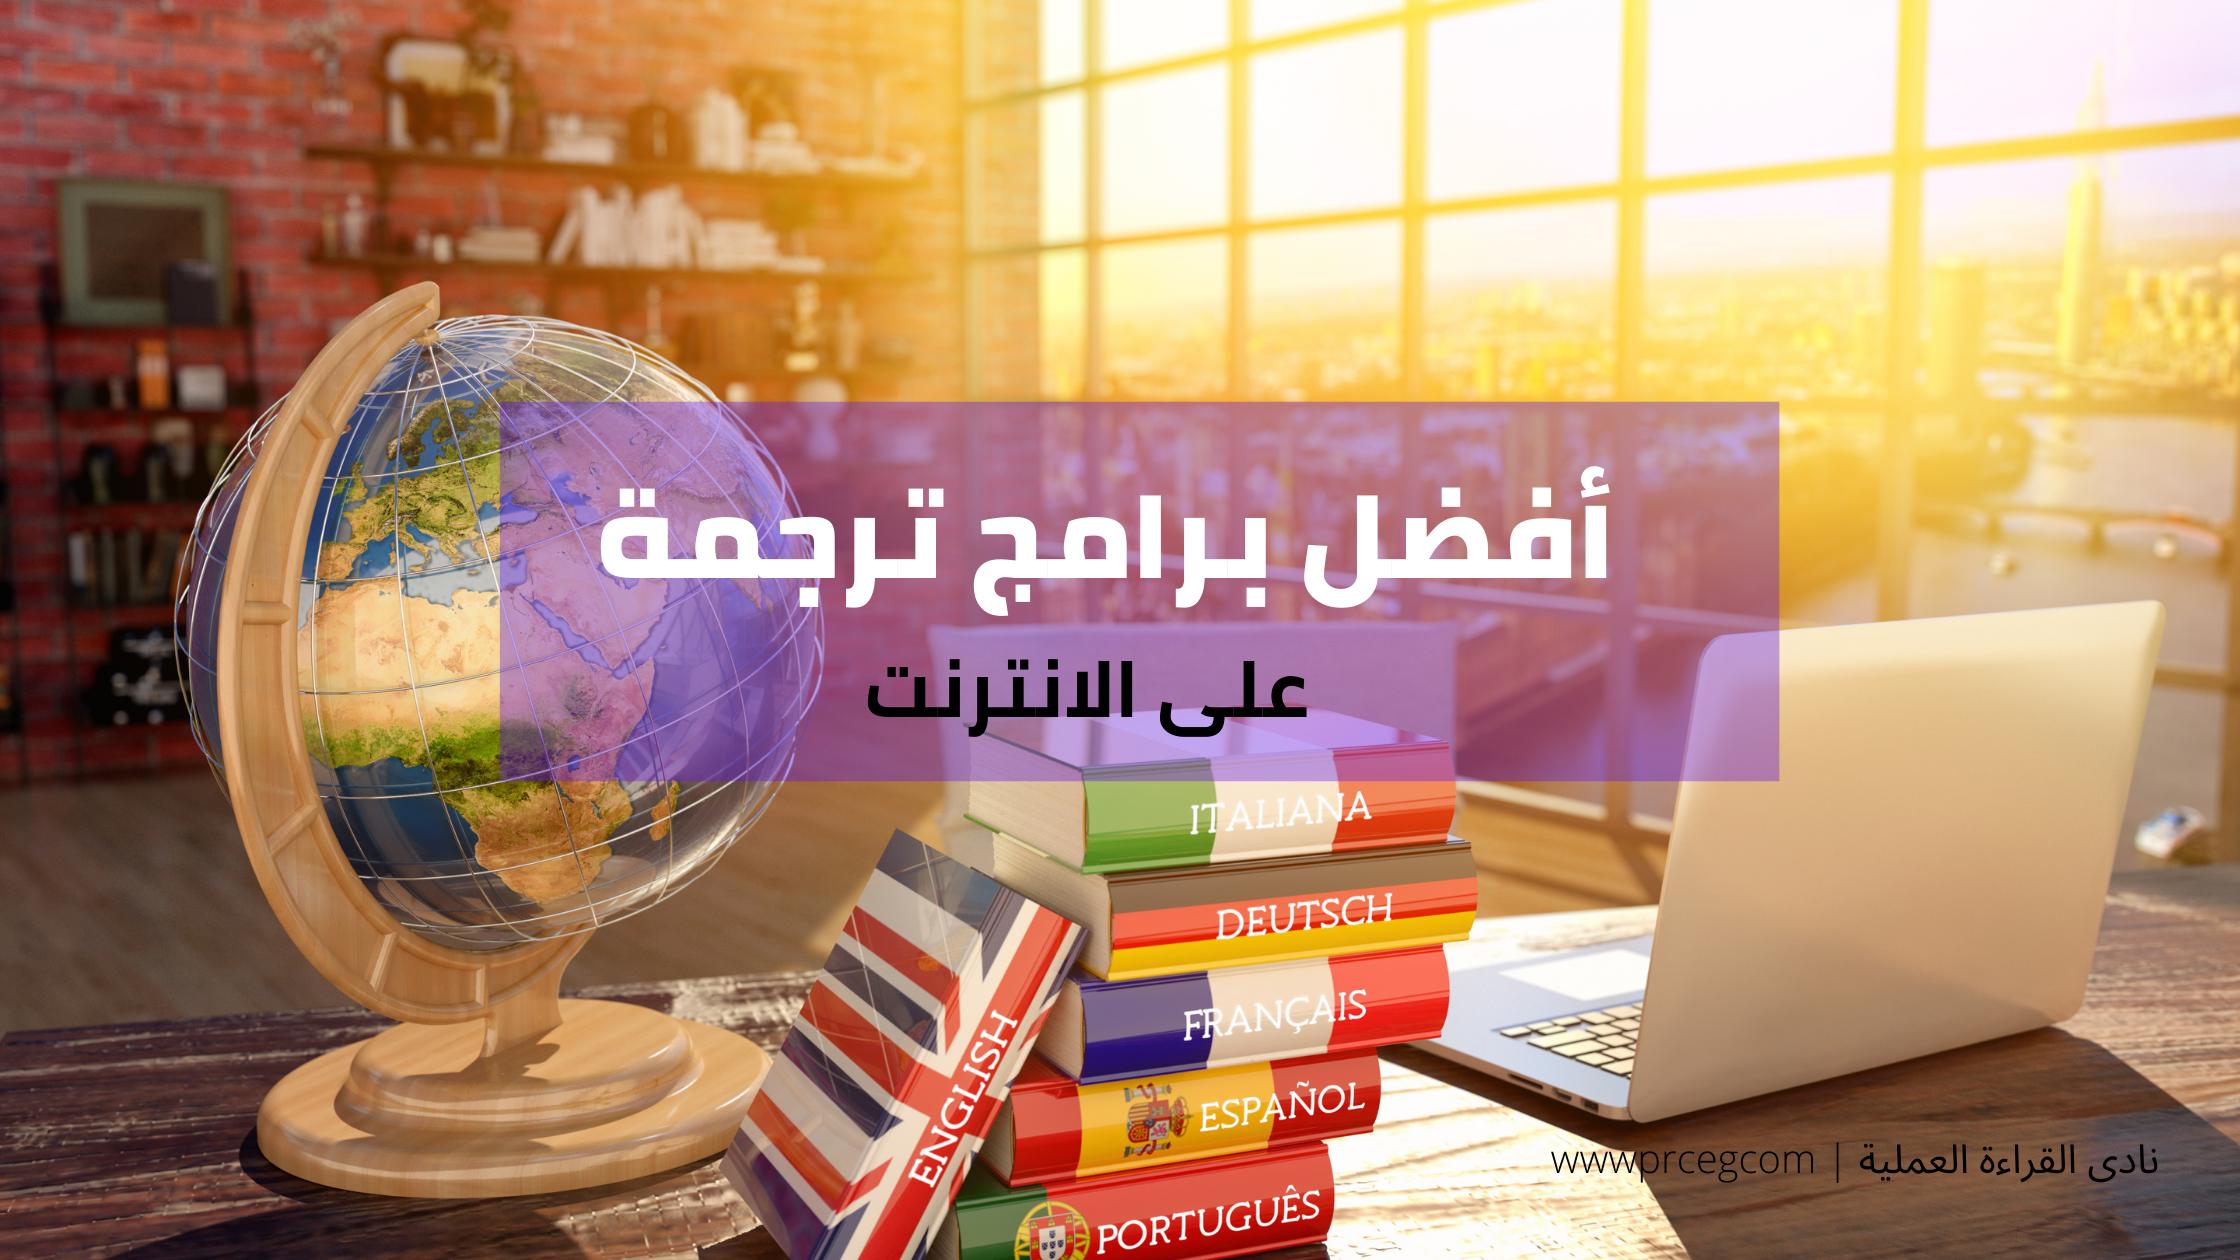 أفضل برنامج ترجمة نصوص بدقة شديدة 2021 ترجم لجميع اللغات Table Fan Home Appliances